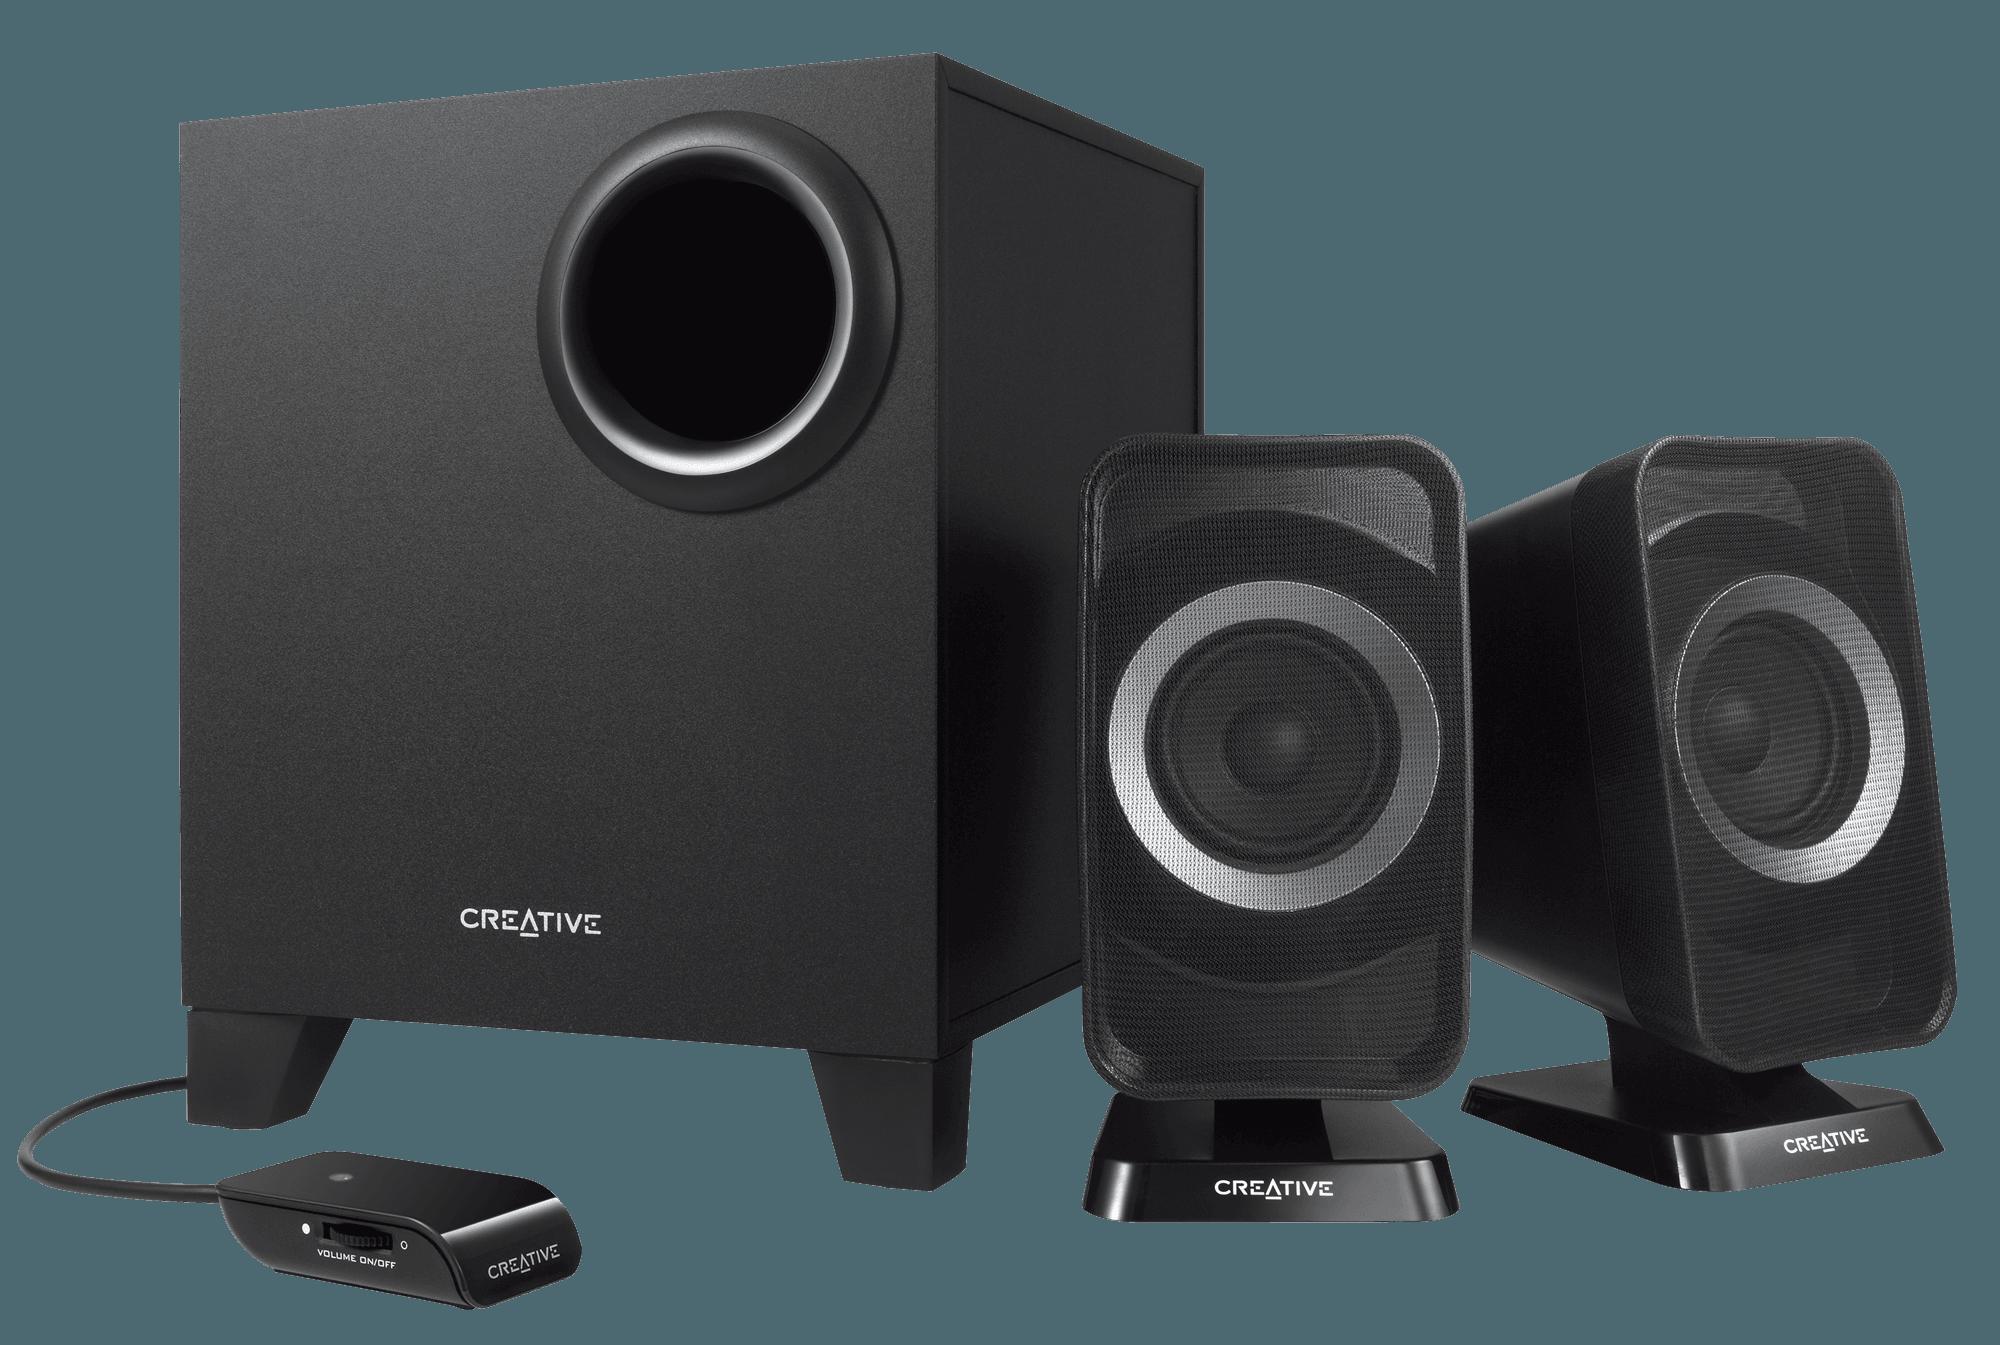 Creative T3150: bezprzewodowe głośniki dla urządzeń mobilnych 26